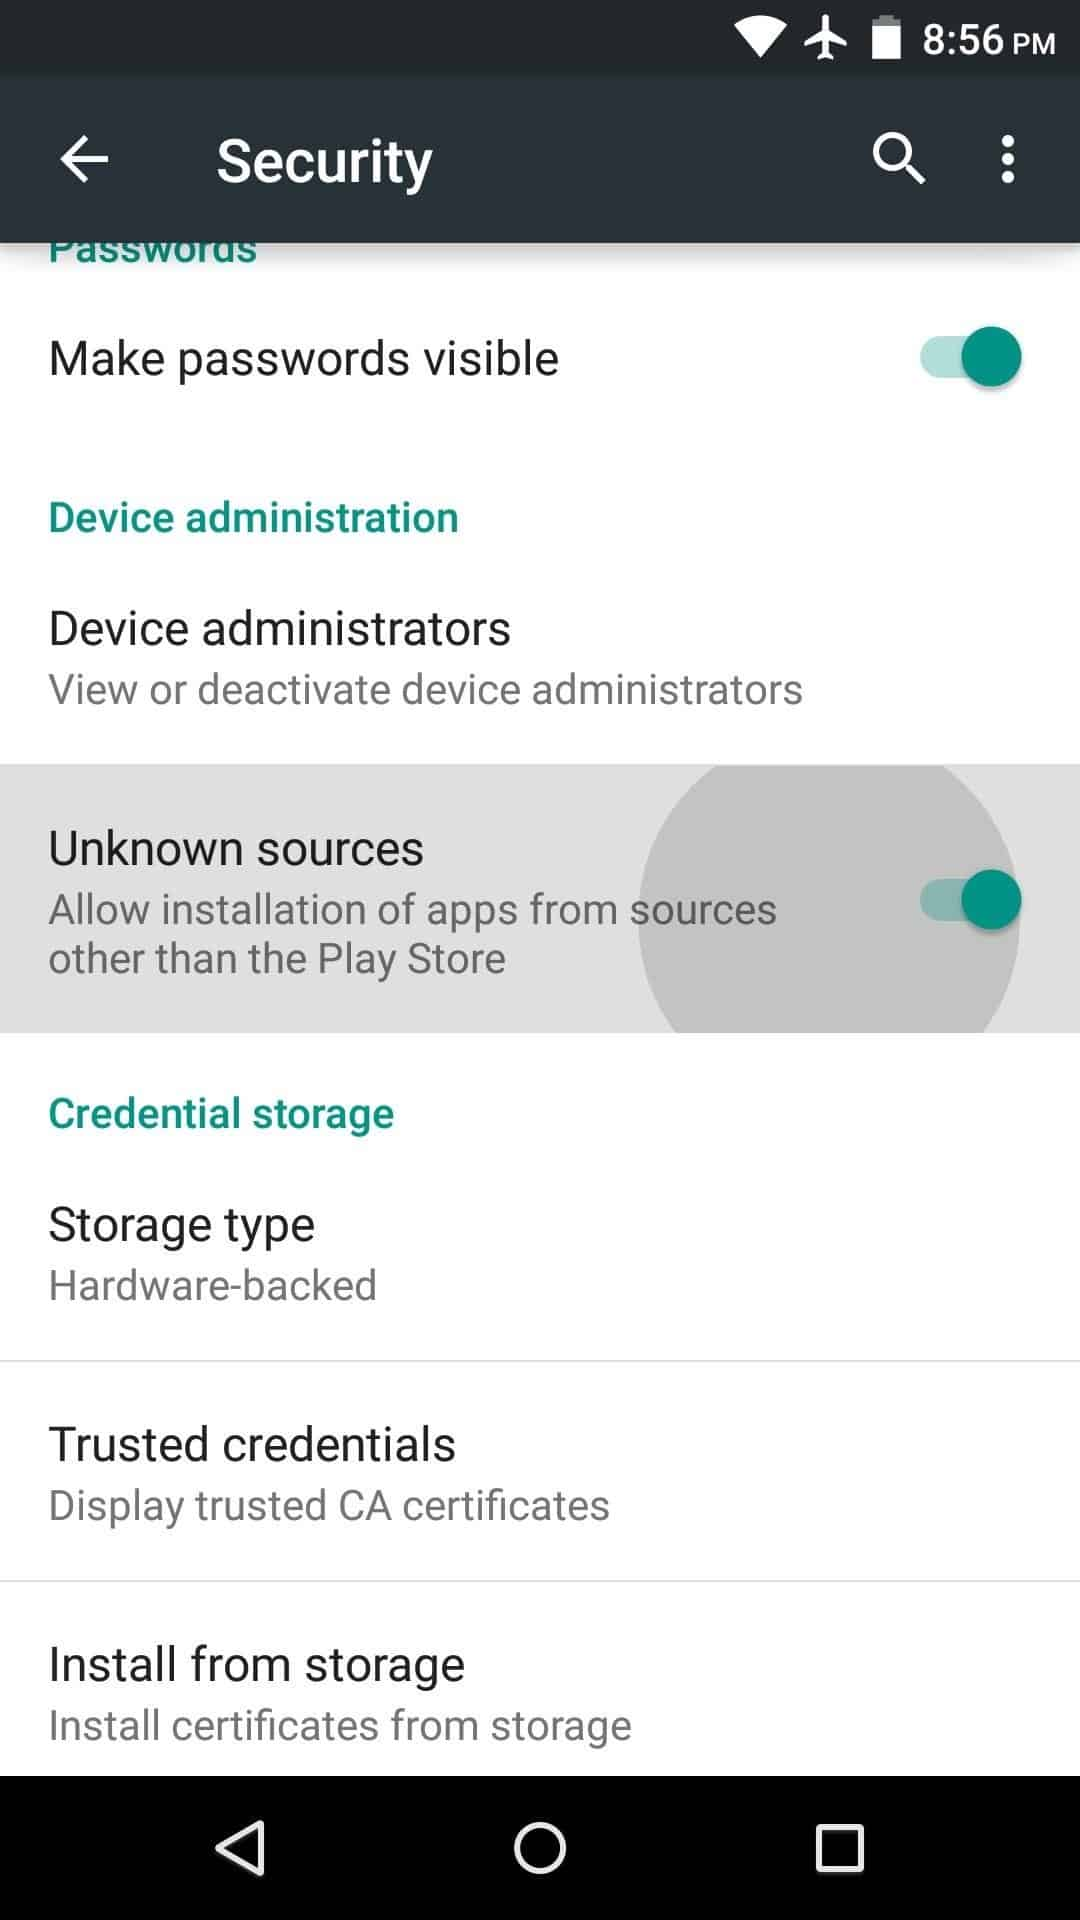 Lalu-pilih-opsi-Unknown-Source-atau-sumber-tidak-dikenal-guna-memberi-izin-pemasangan-aplikasi-dari-sumber-luar-pada